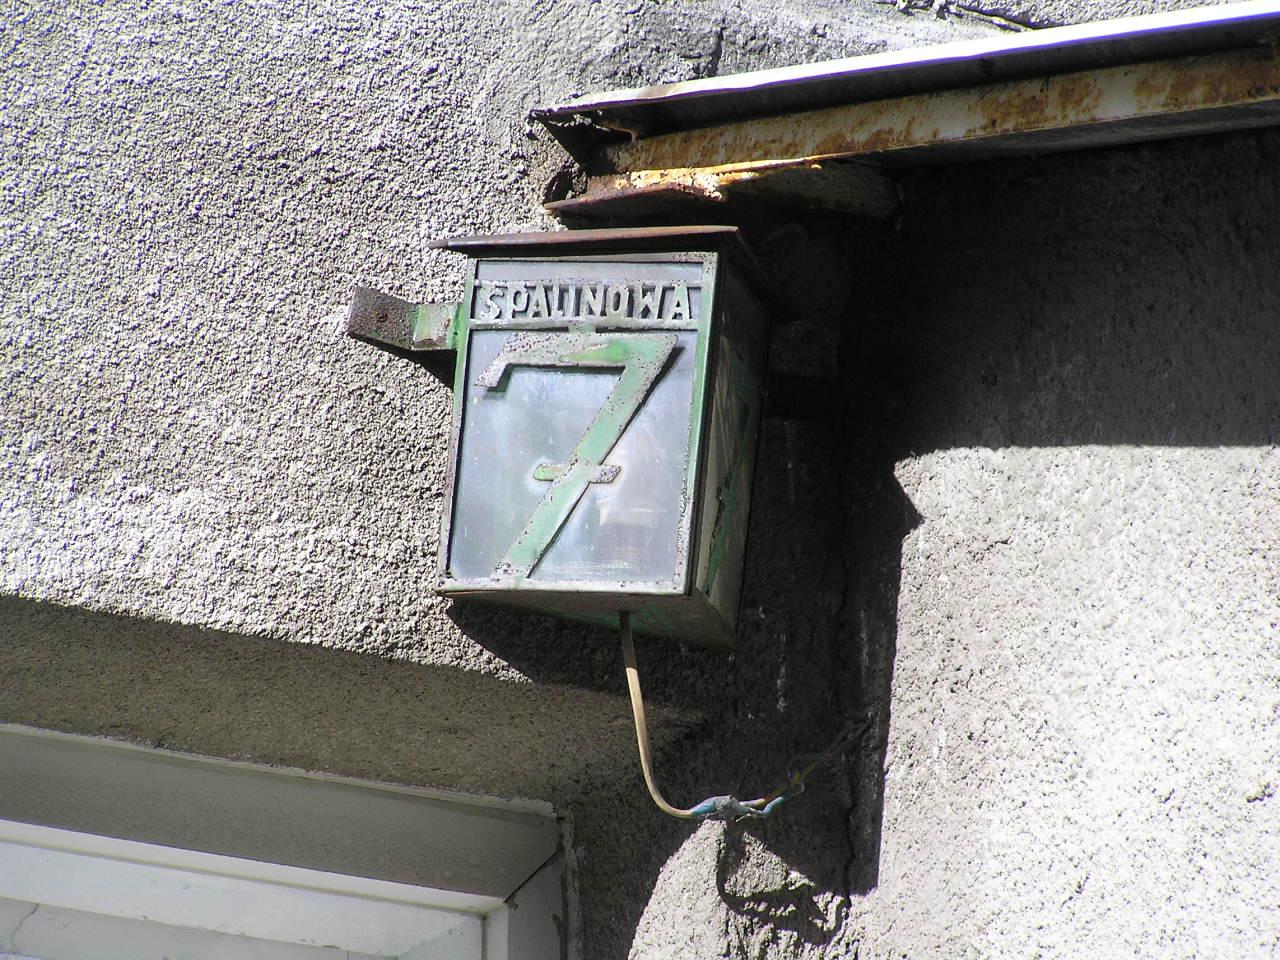 Latarenka adresowa - Spalinowa 7